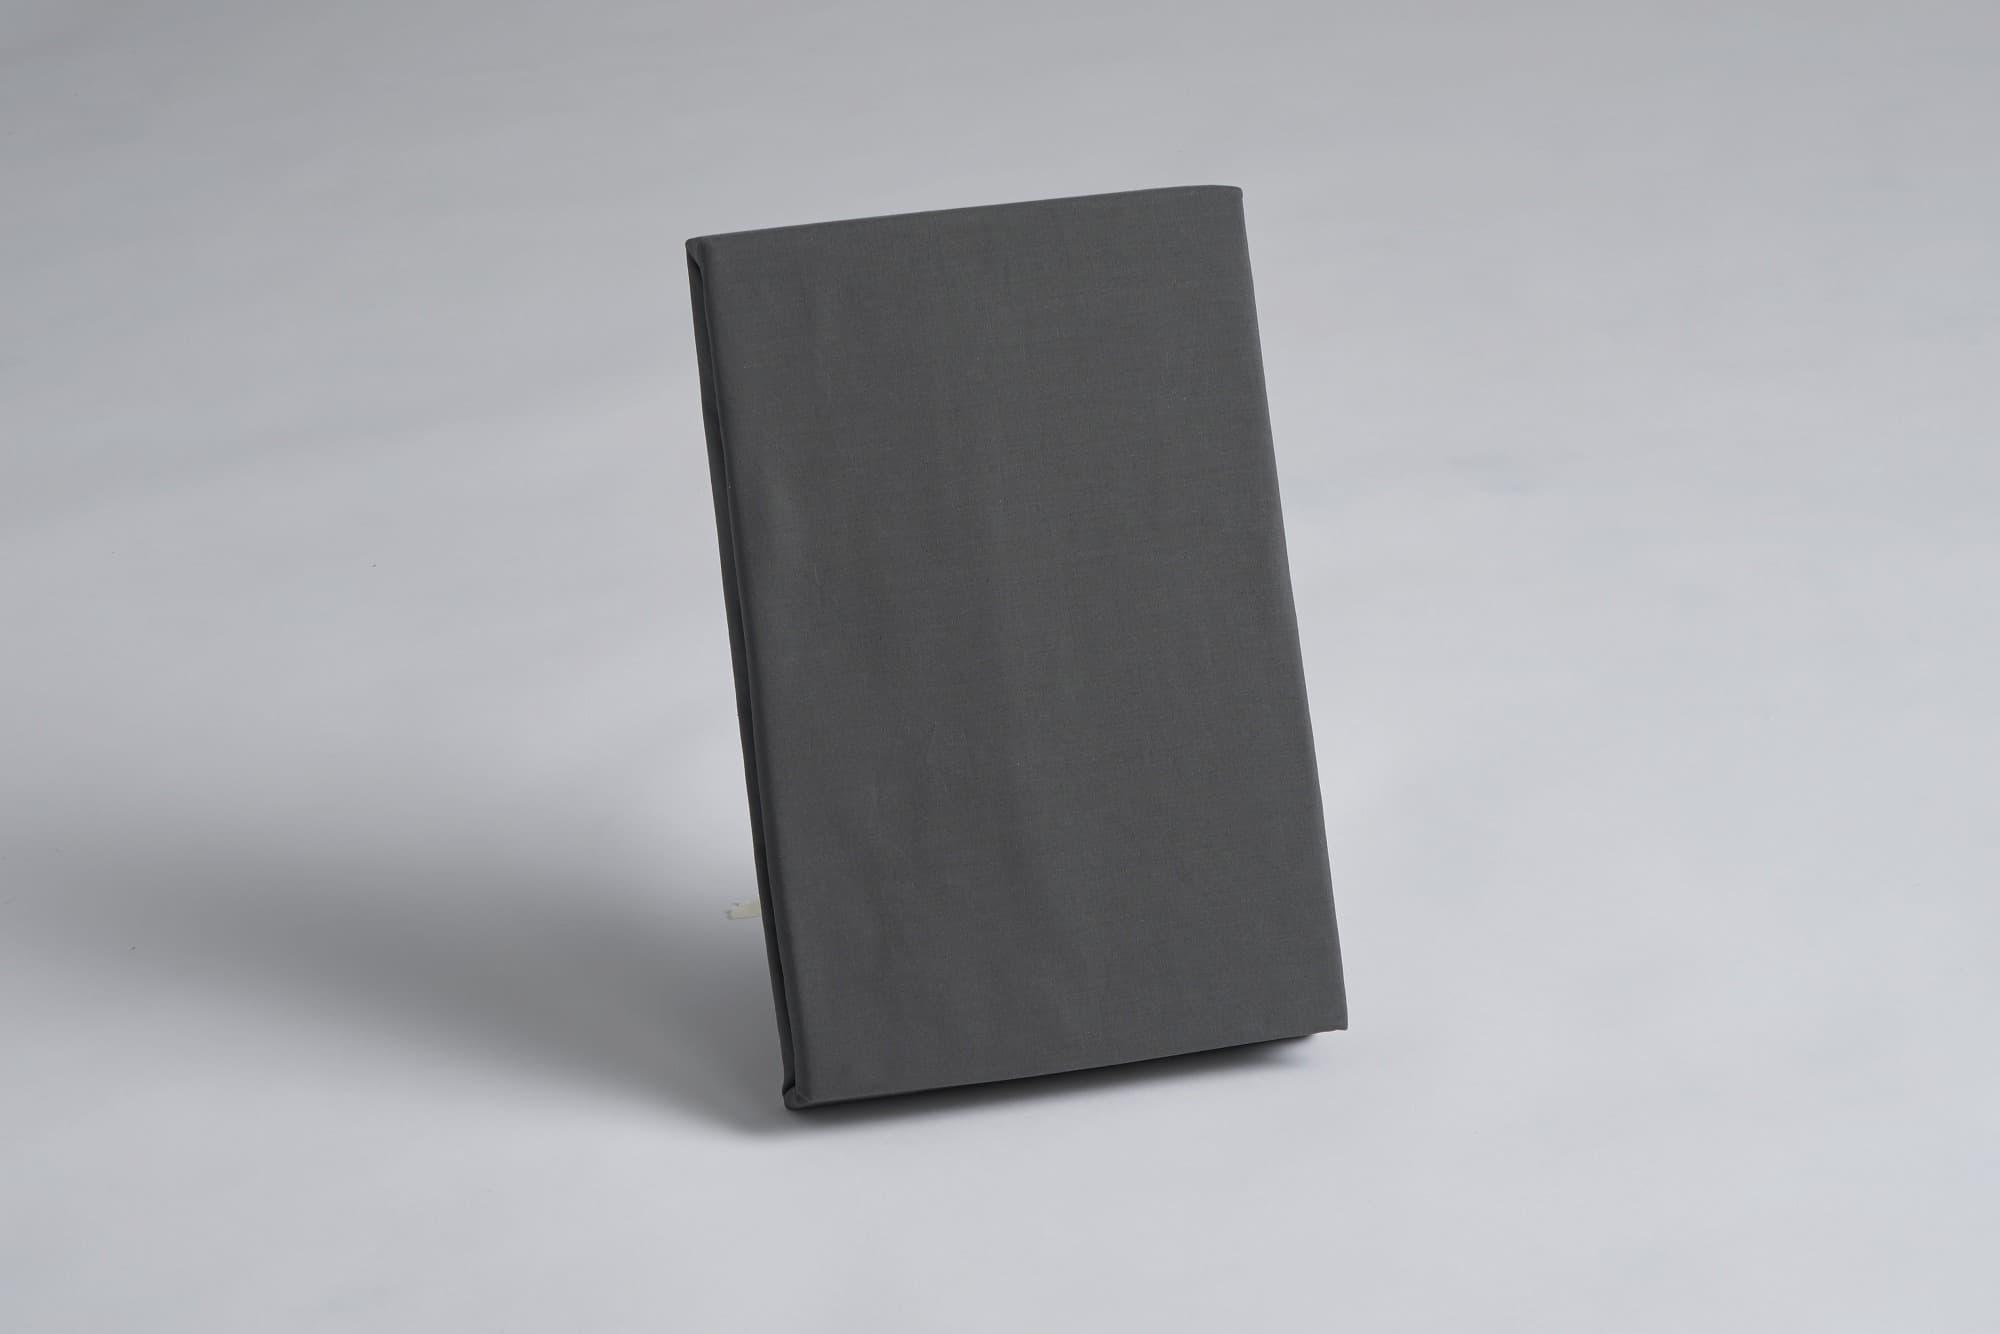 ボックスシーツ ダブル用 45H グレー:《綿100%を使用したボックスシーツ》